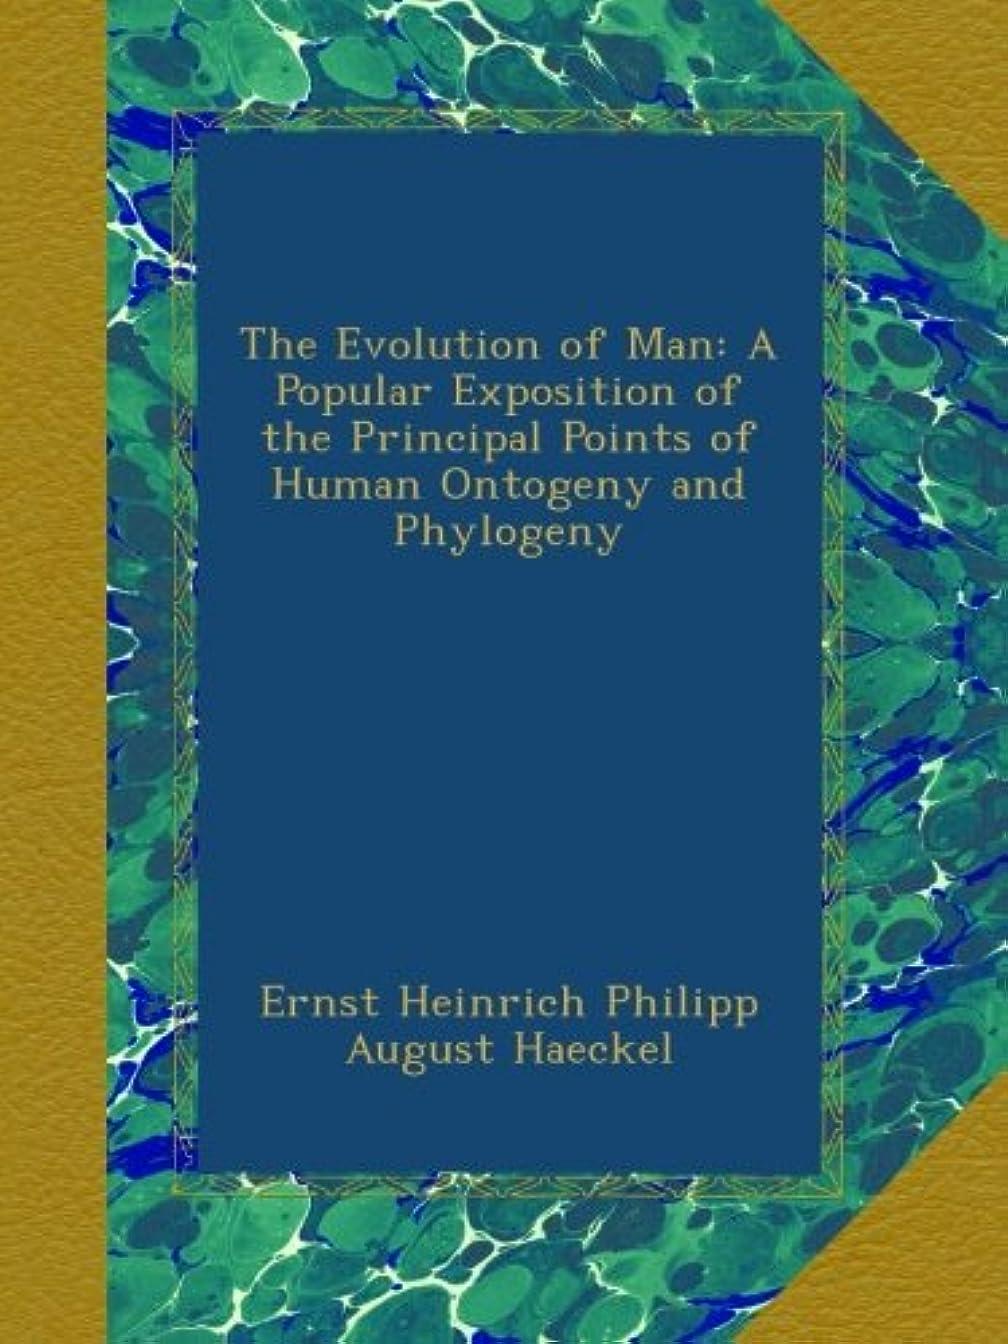 浸漬取り戻す韻The Evolution of Man: A Popular Exposition of the Principal Points of Human Ontogeny and Phylogeny